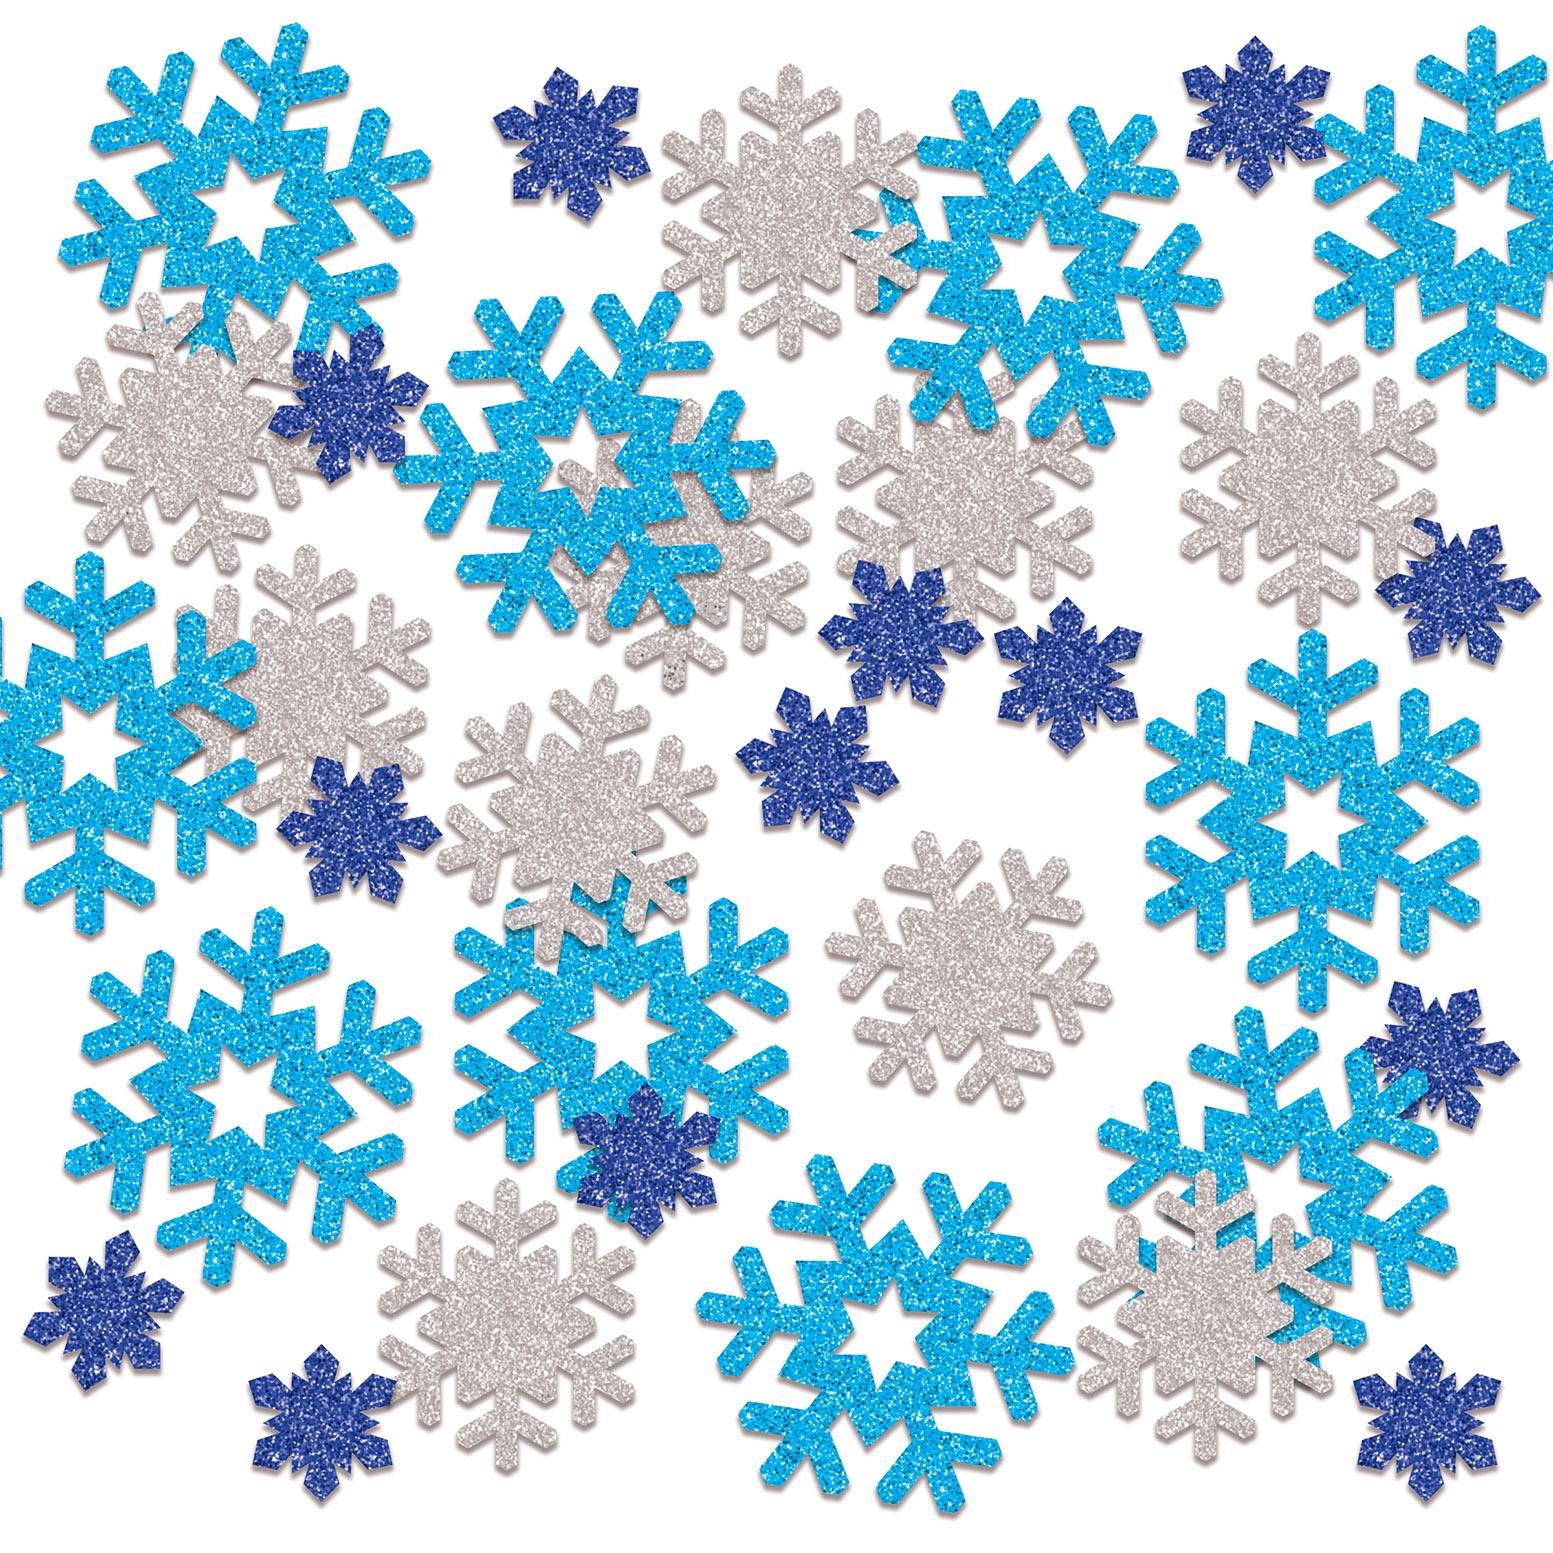 SNOWFLAKE DELUXE SPARKLE CONFETTI (12) image